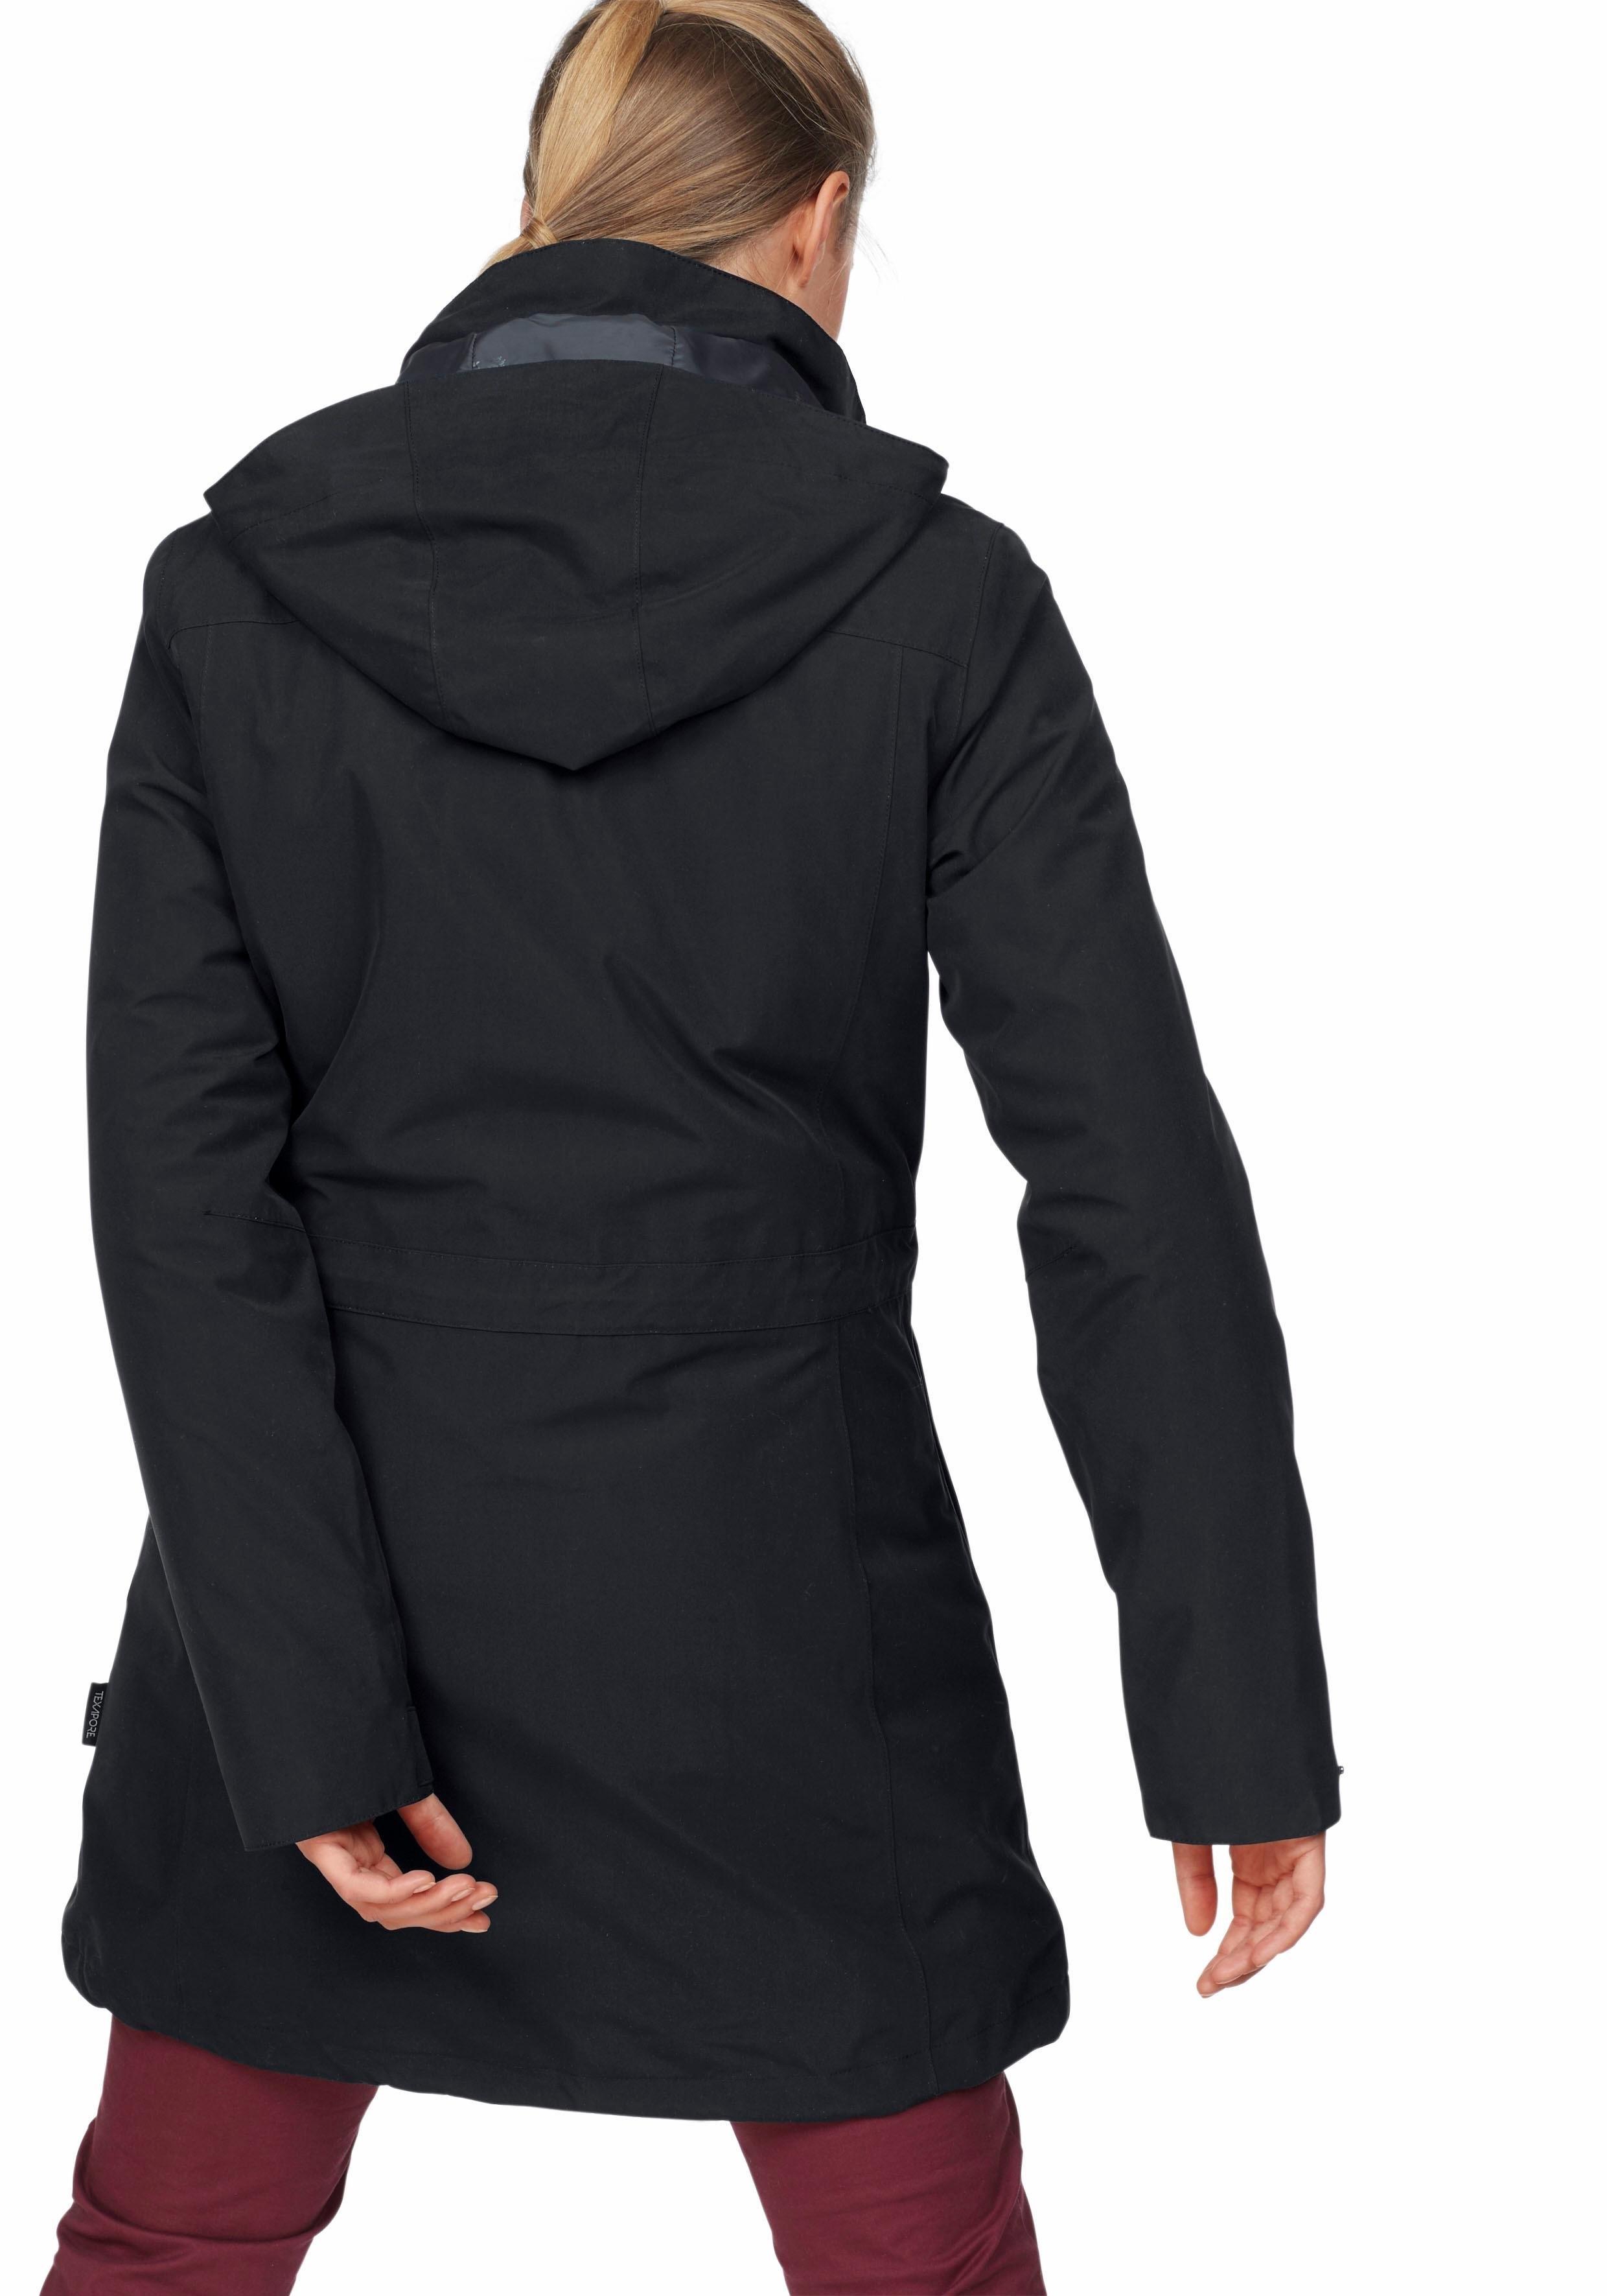 jack wolfskin 3 in 1 functionele jas ottawa coat set 2. Black Bedroom Furniture Sets. Home Design Ideas